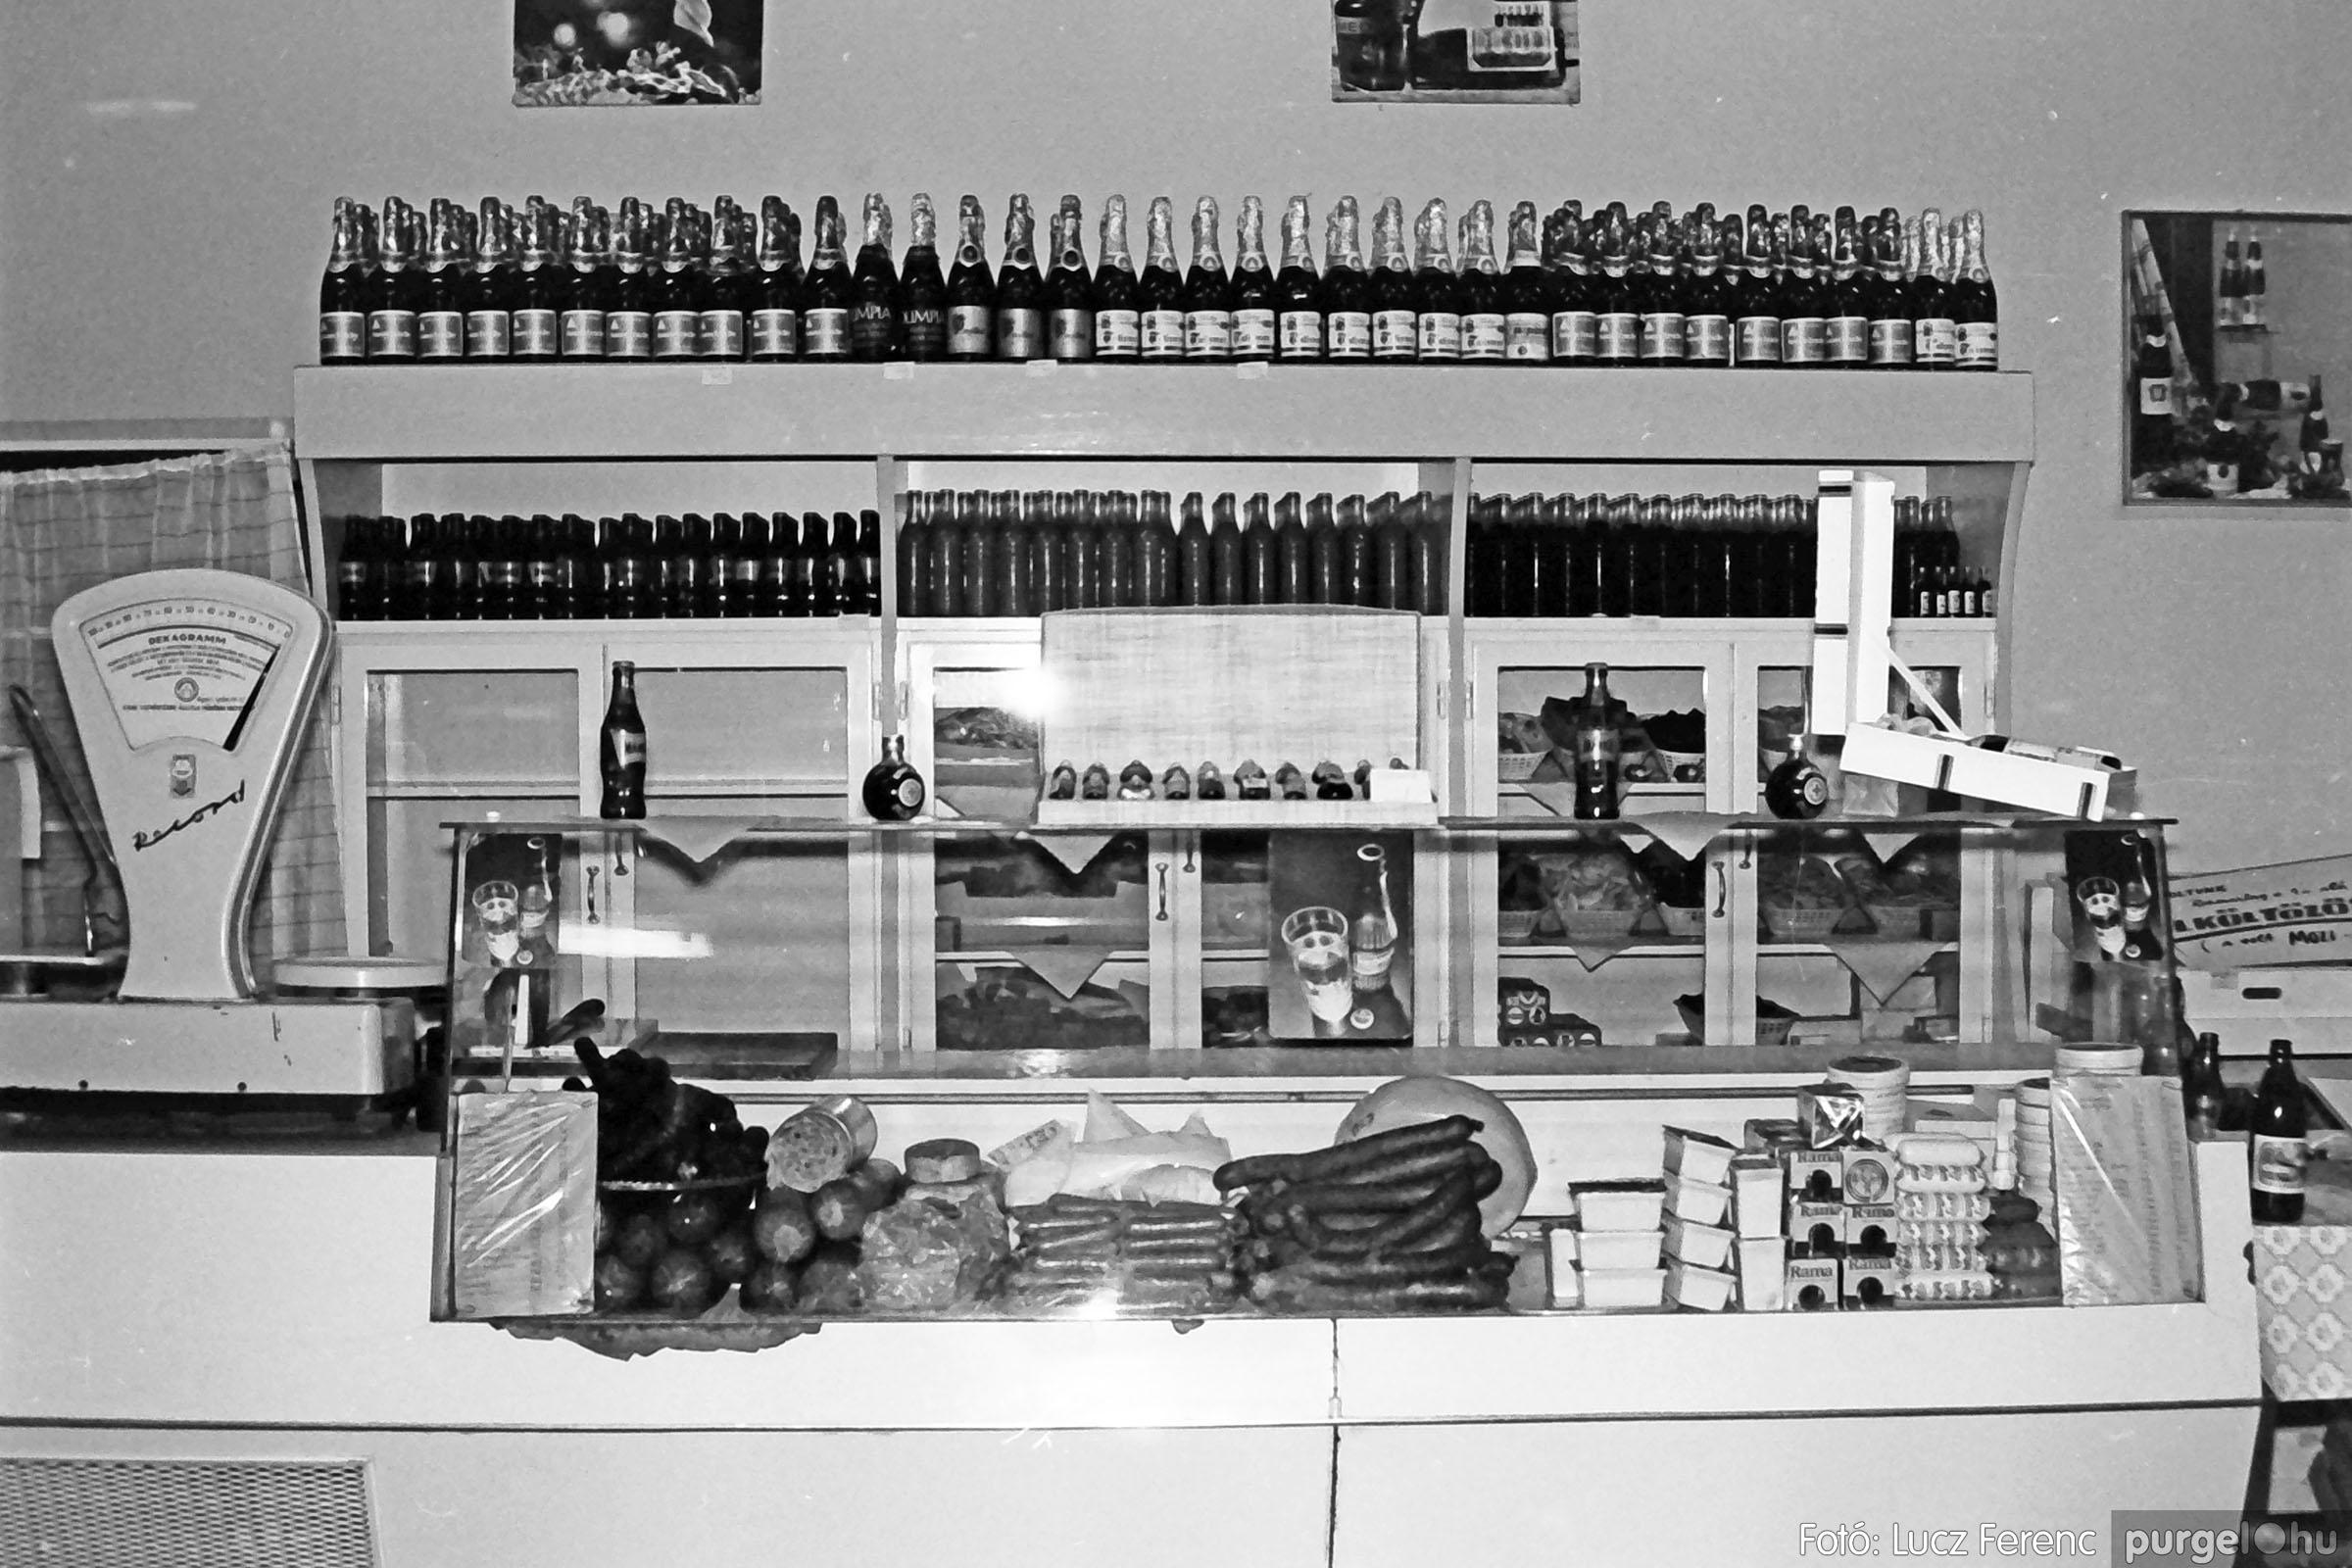 032. 1976. Önkiszolgáló a régi mozi helyén 003 - Fotó: Lucz Ferenc.jpg